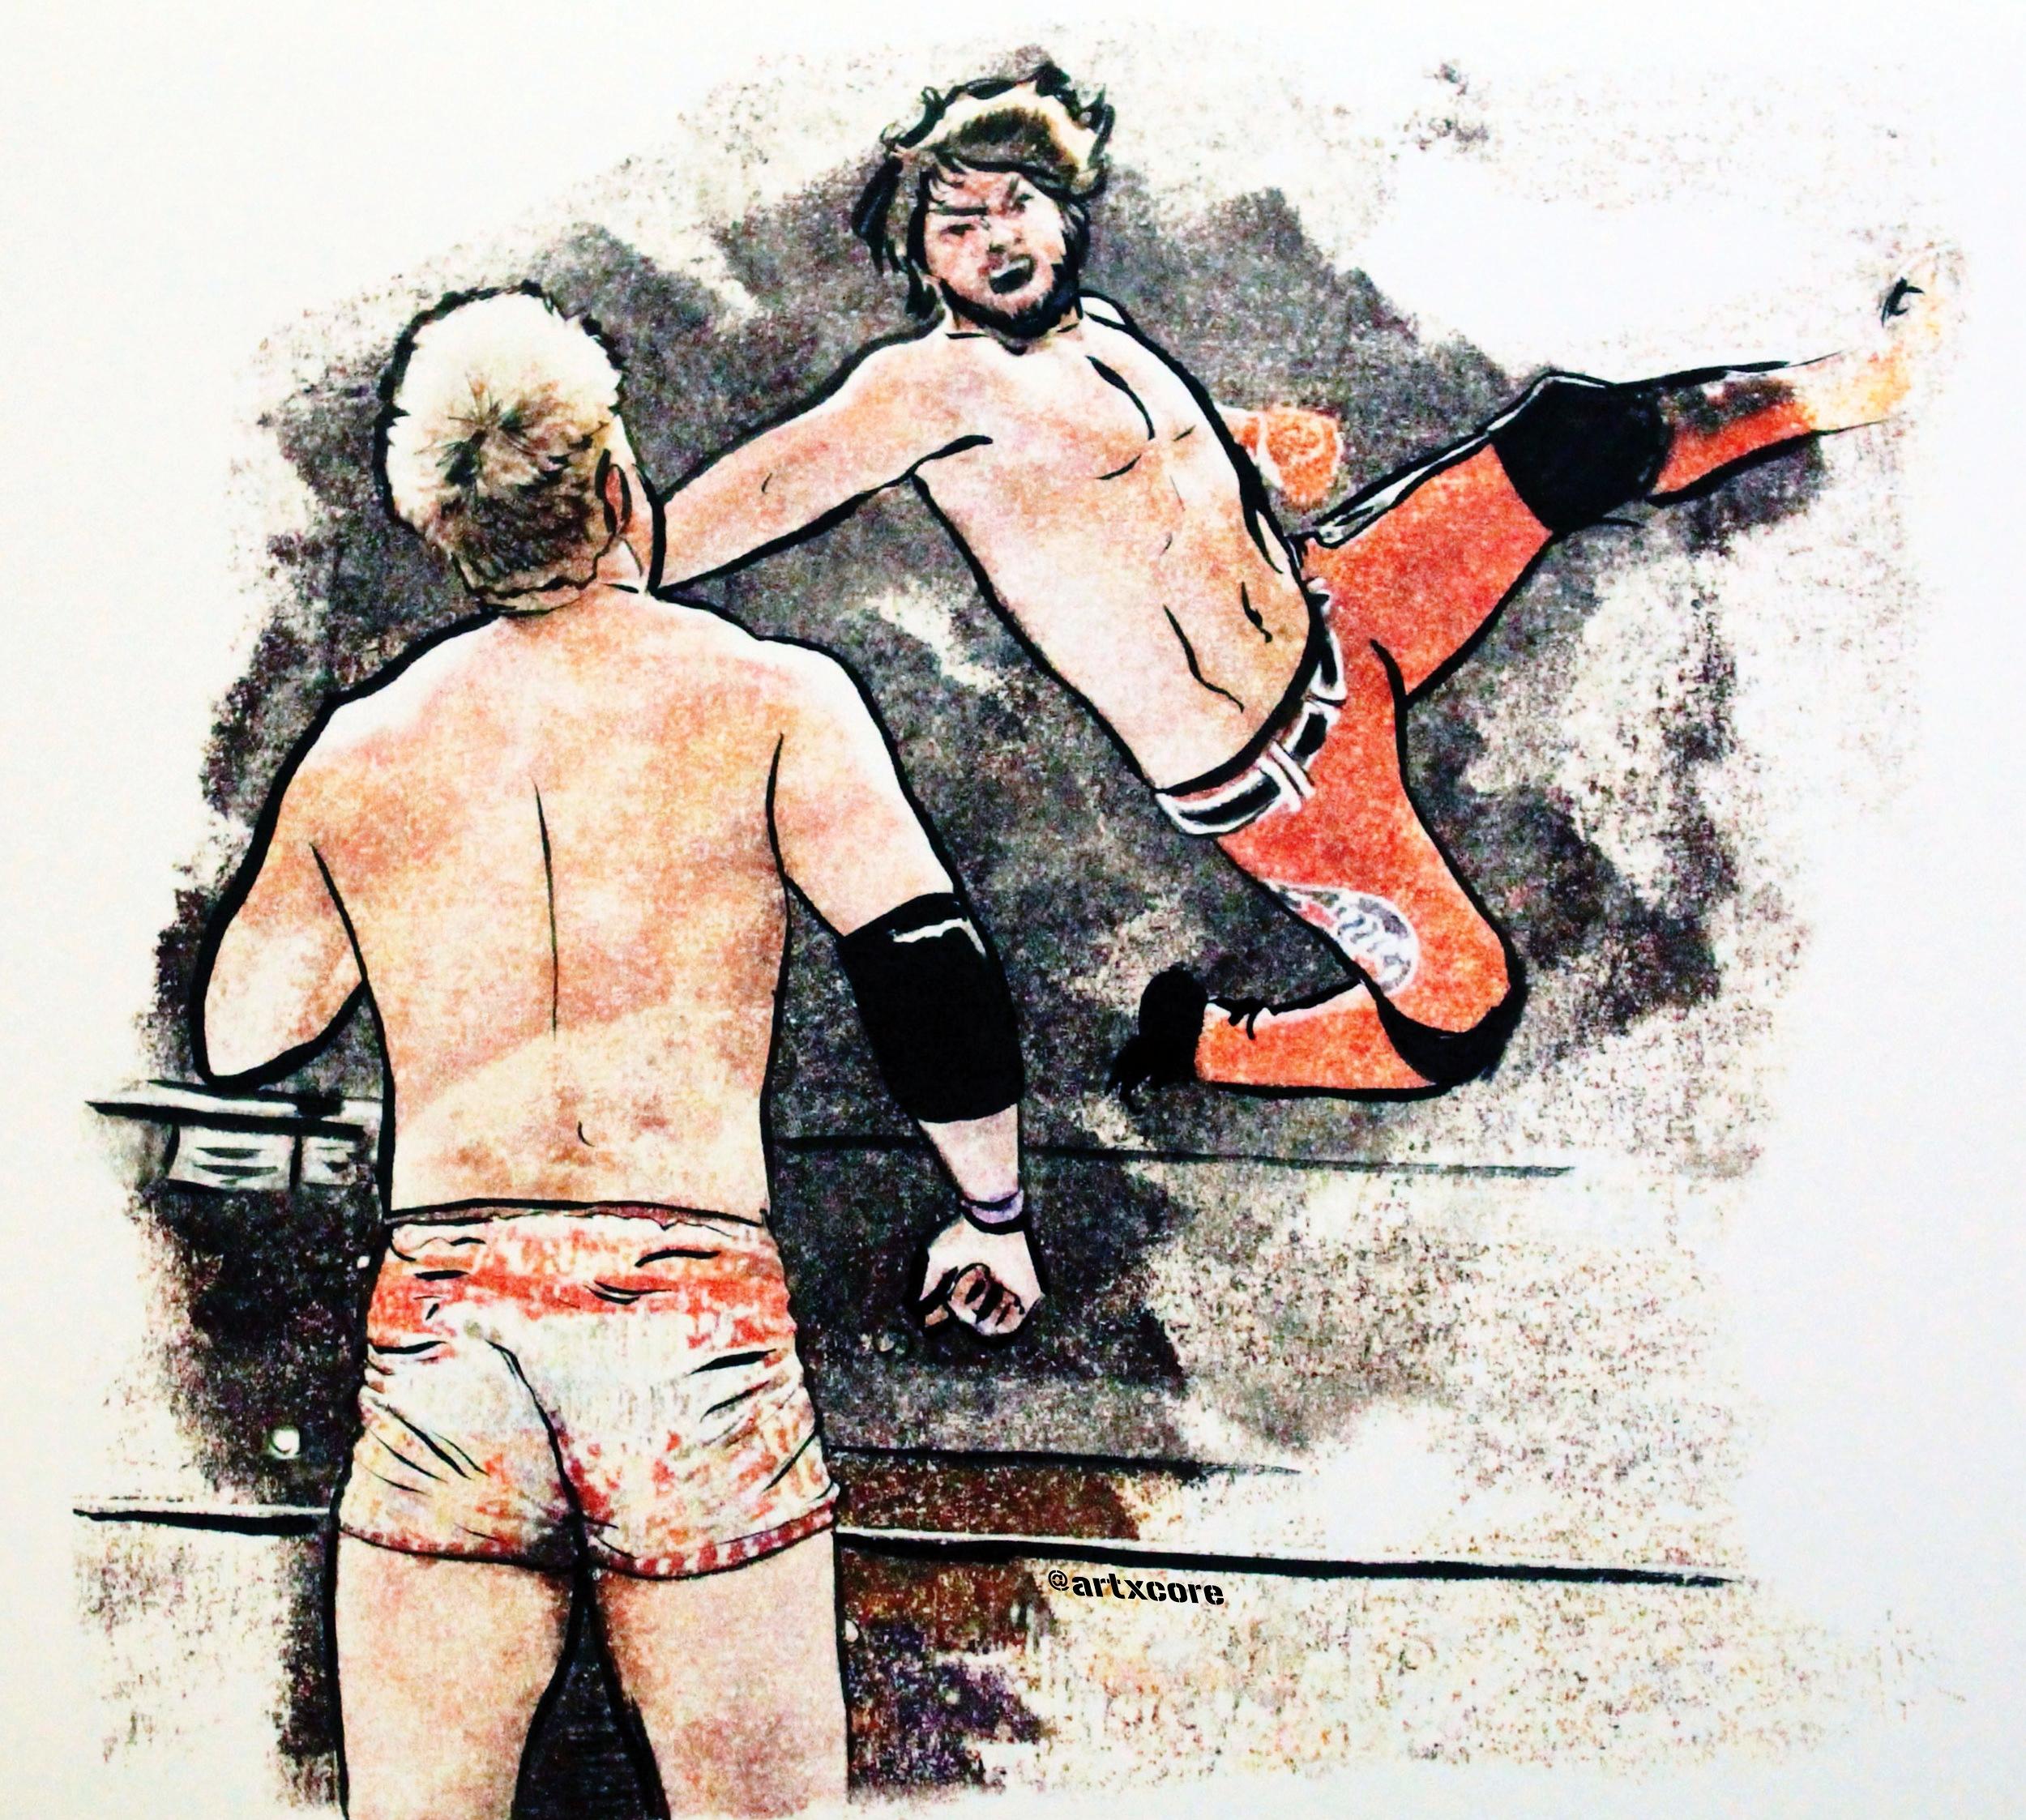 AJ vs Okada